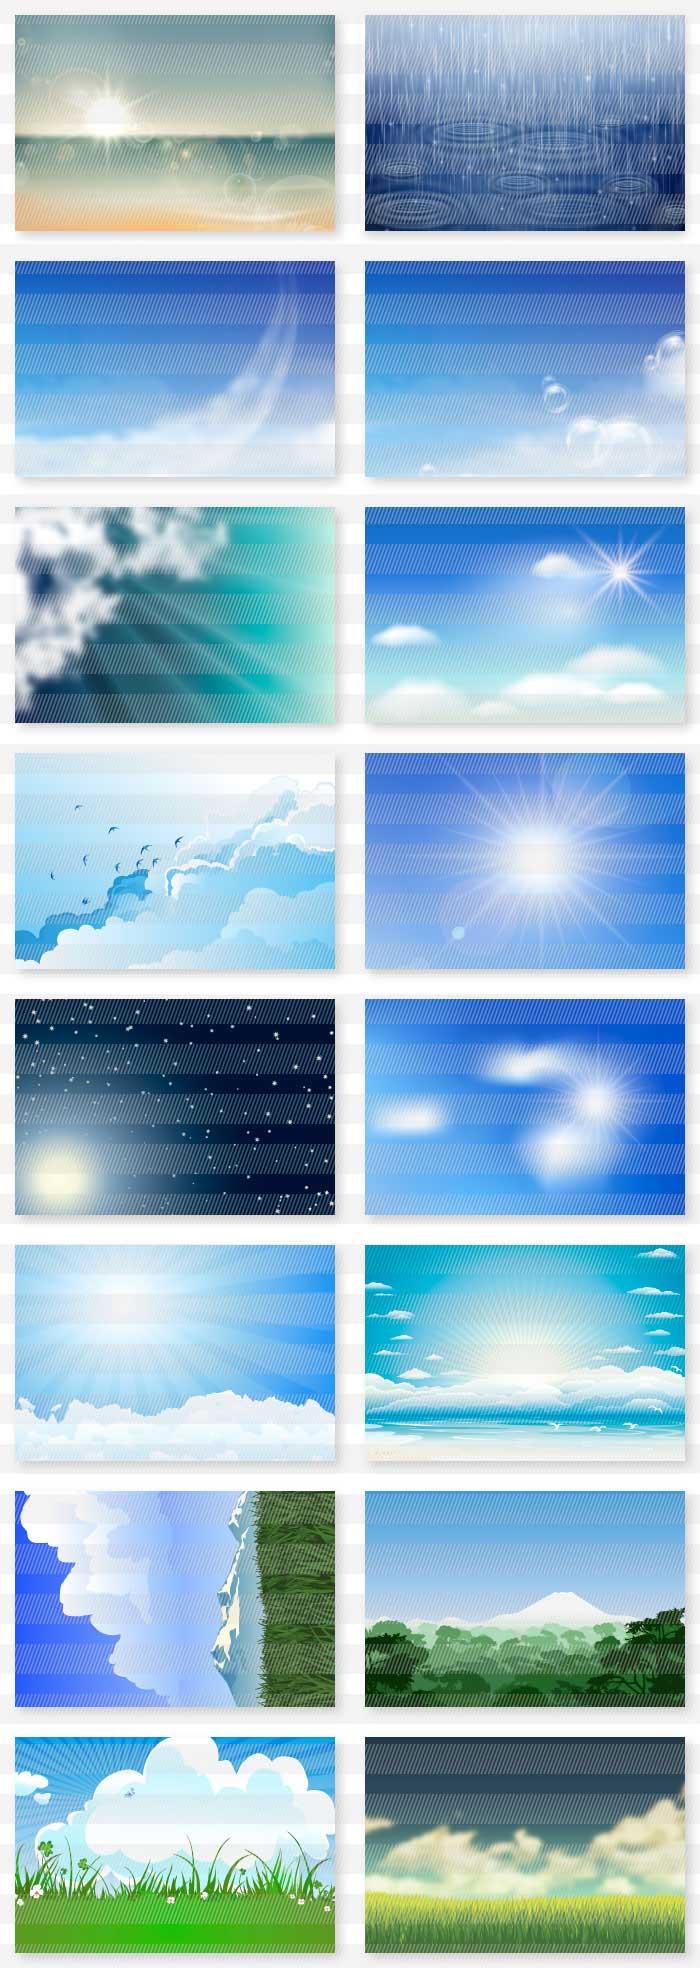 海・山・空・夕暮れの風景の背景素材|イラストレーター素材(ai・eps